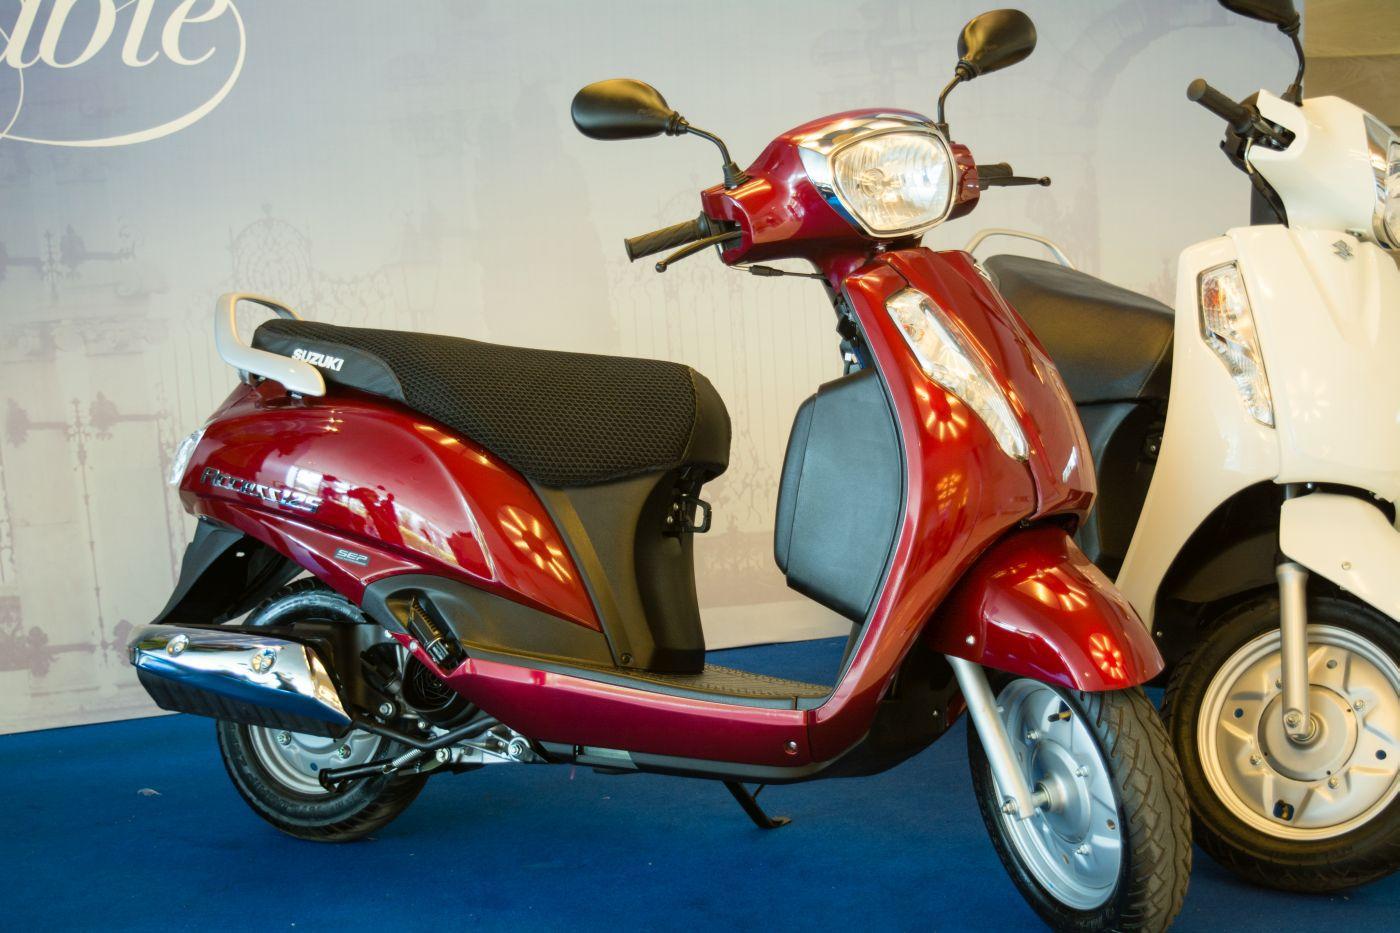 Suzuki Access  New Model Price